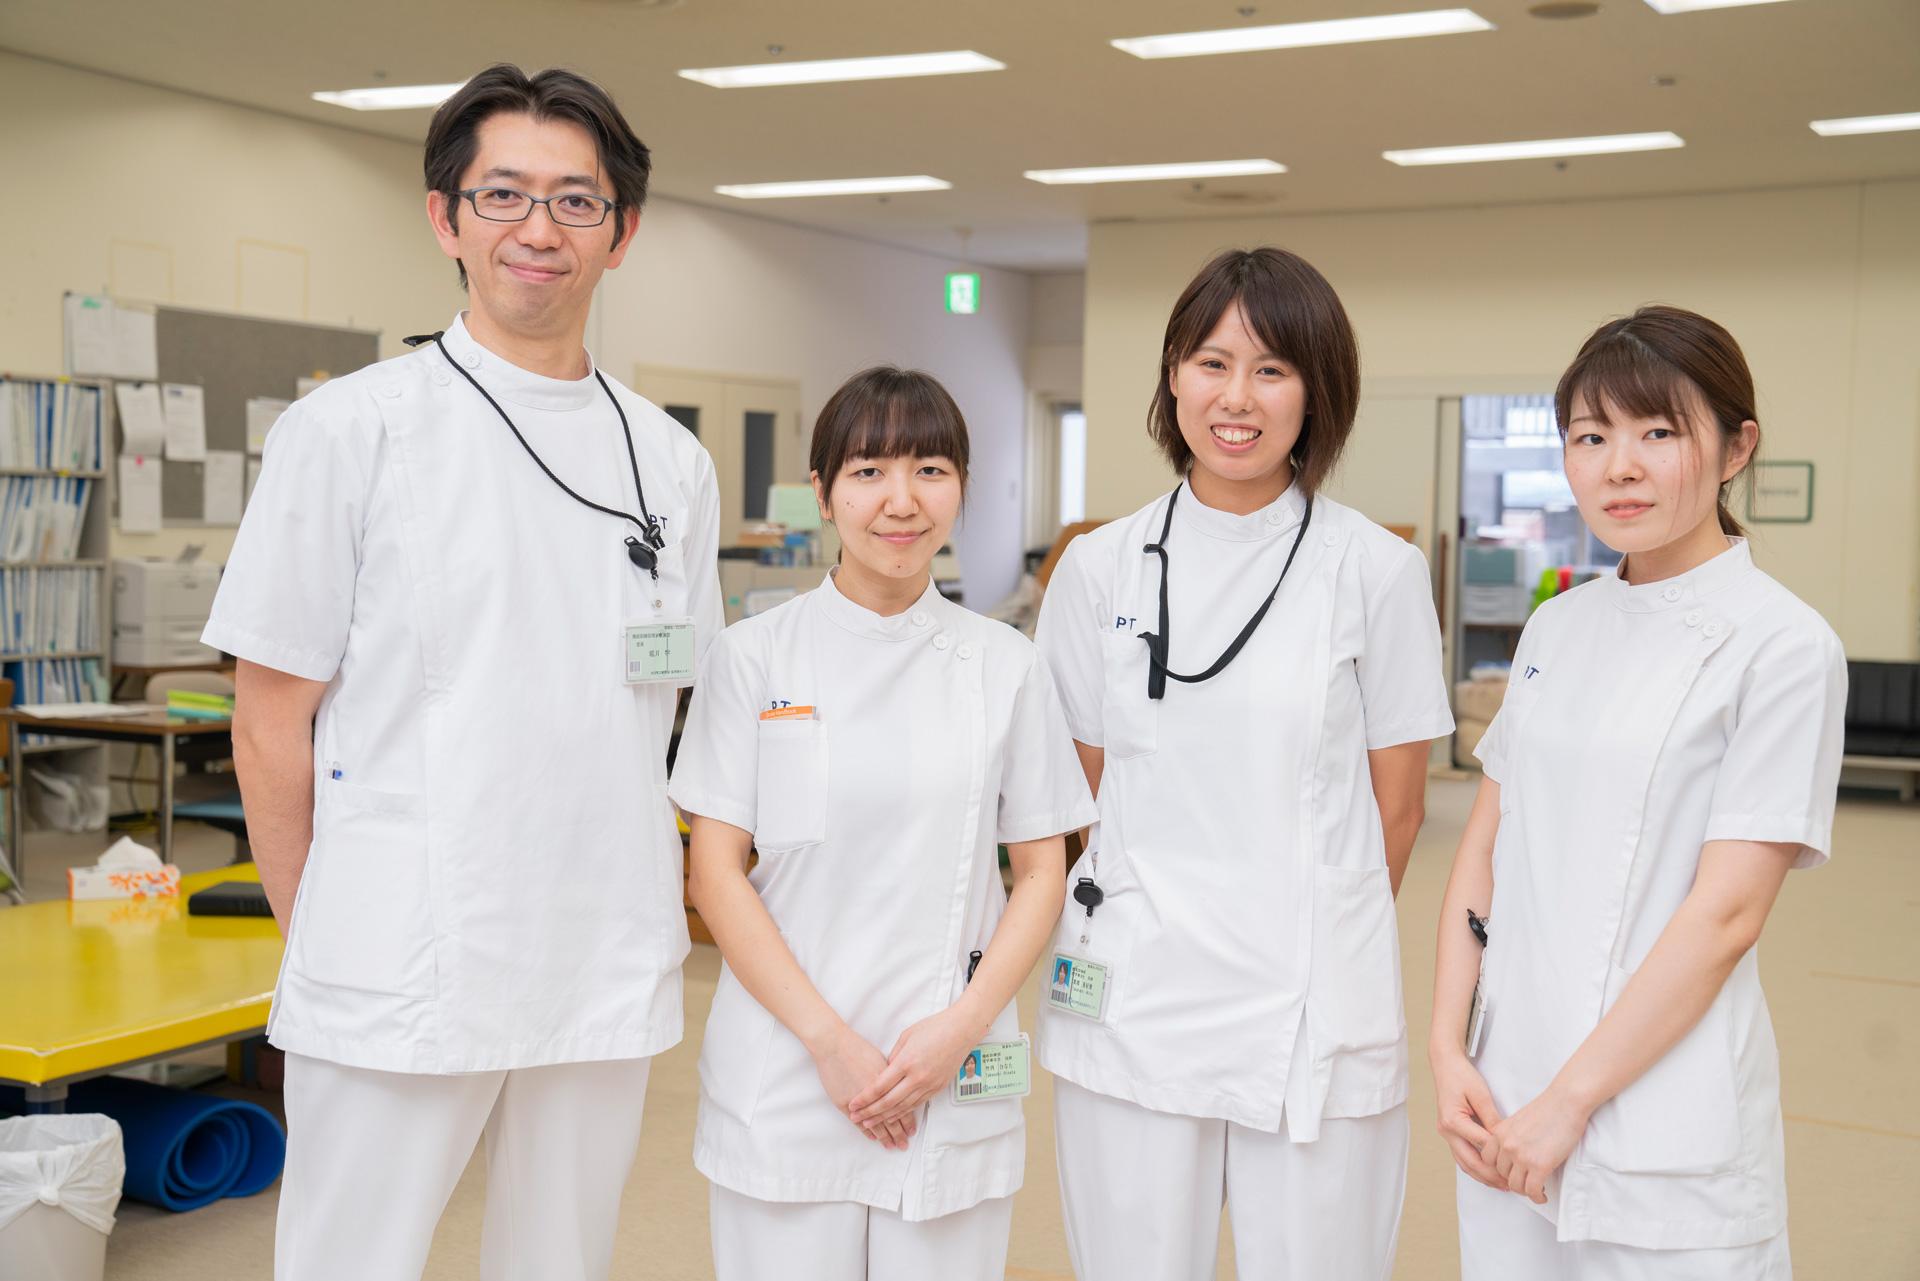 写真:理学療法士が四人並んでいる